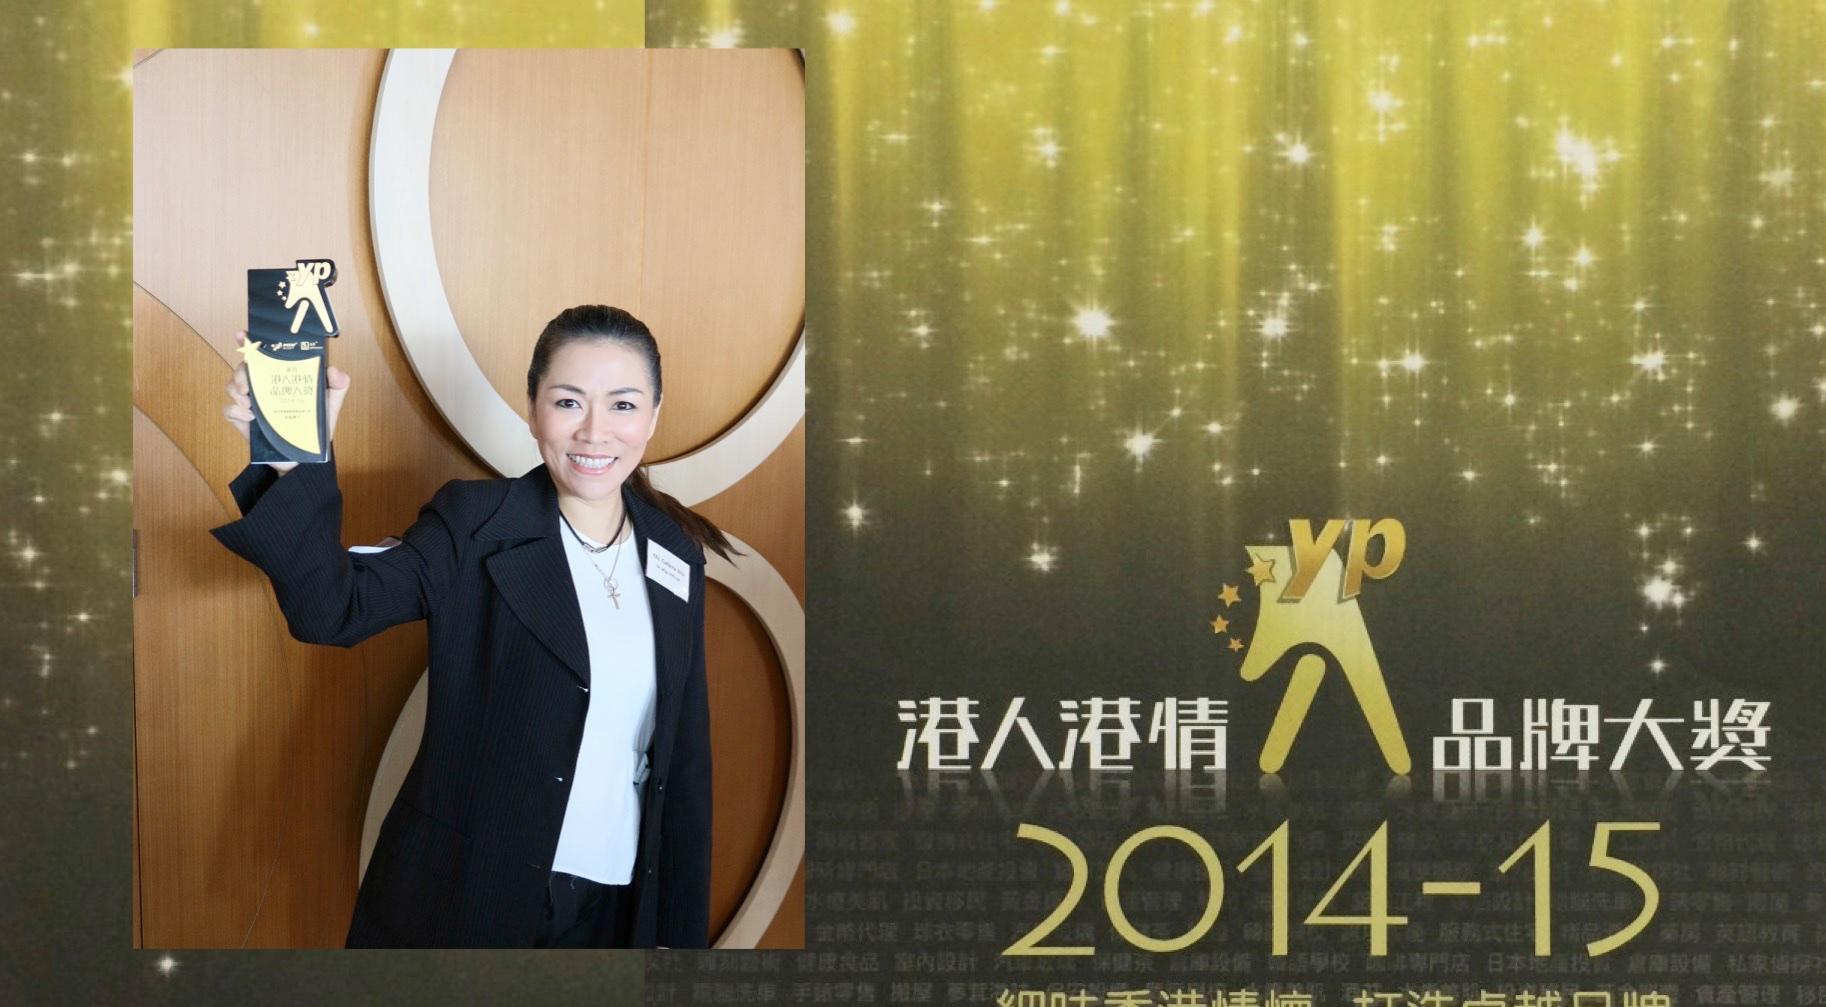 最佳專業織髮服務品牌大獎